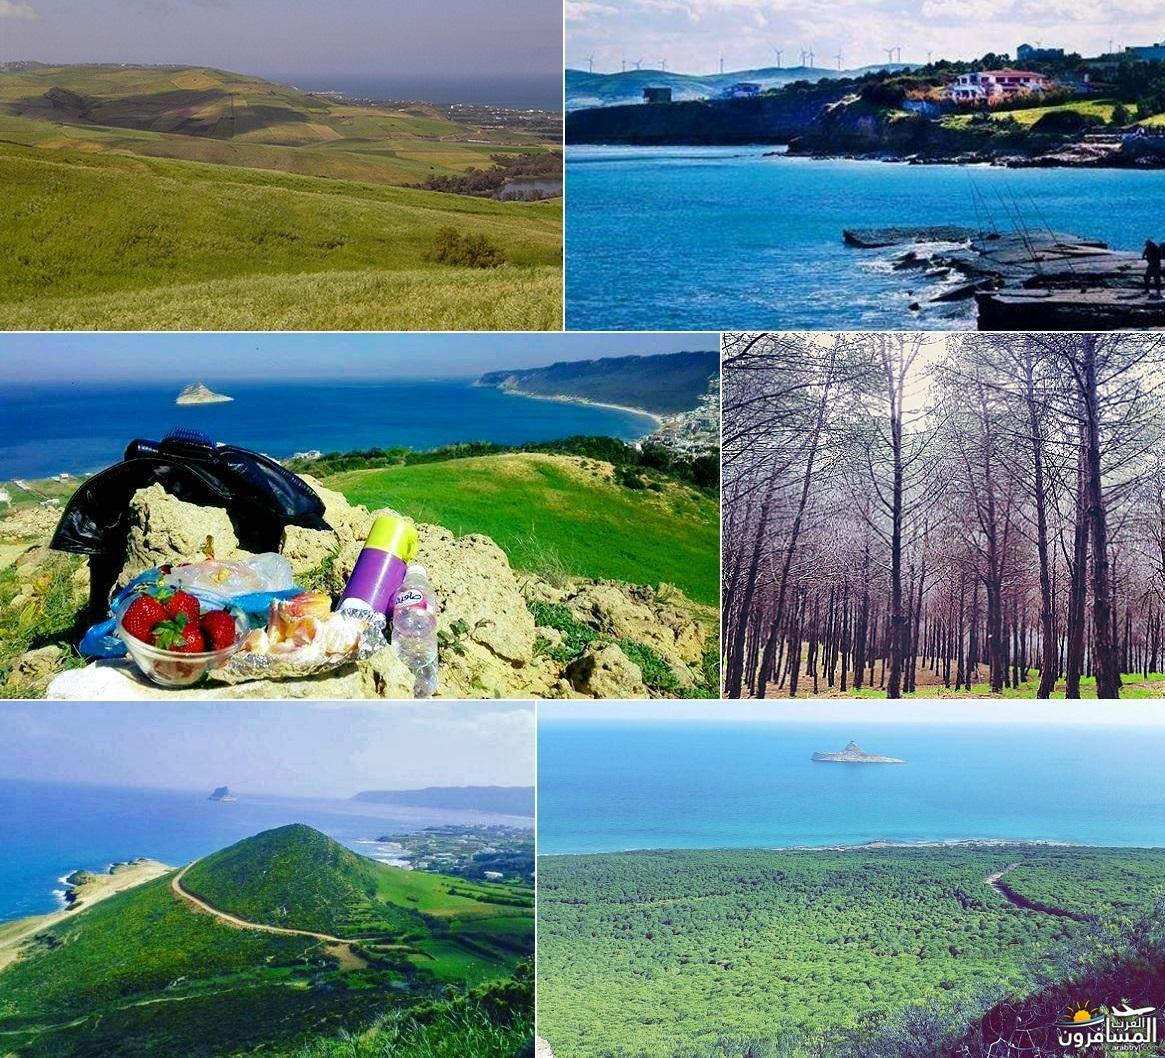 641813 المسافرون العرب خدمات سياحية متطورة في تونس